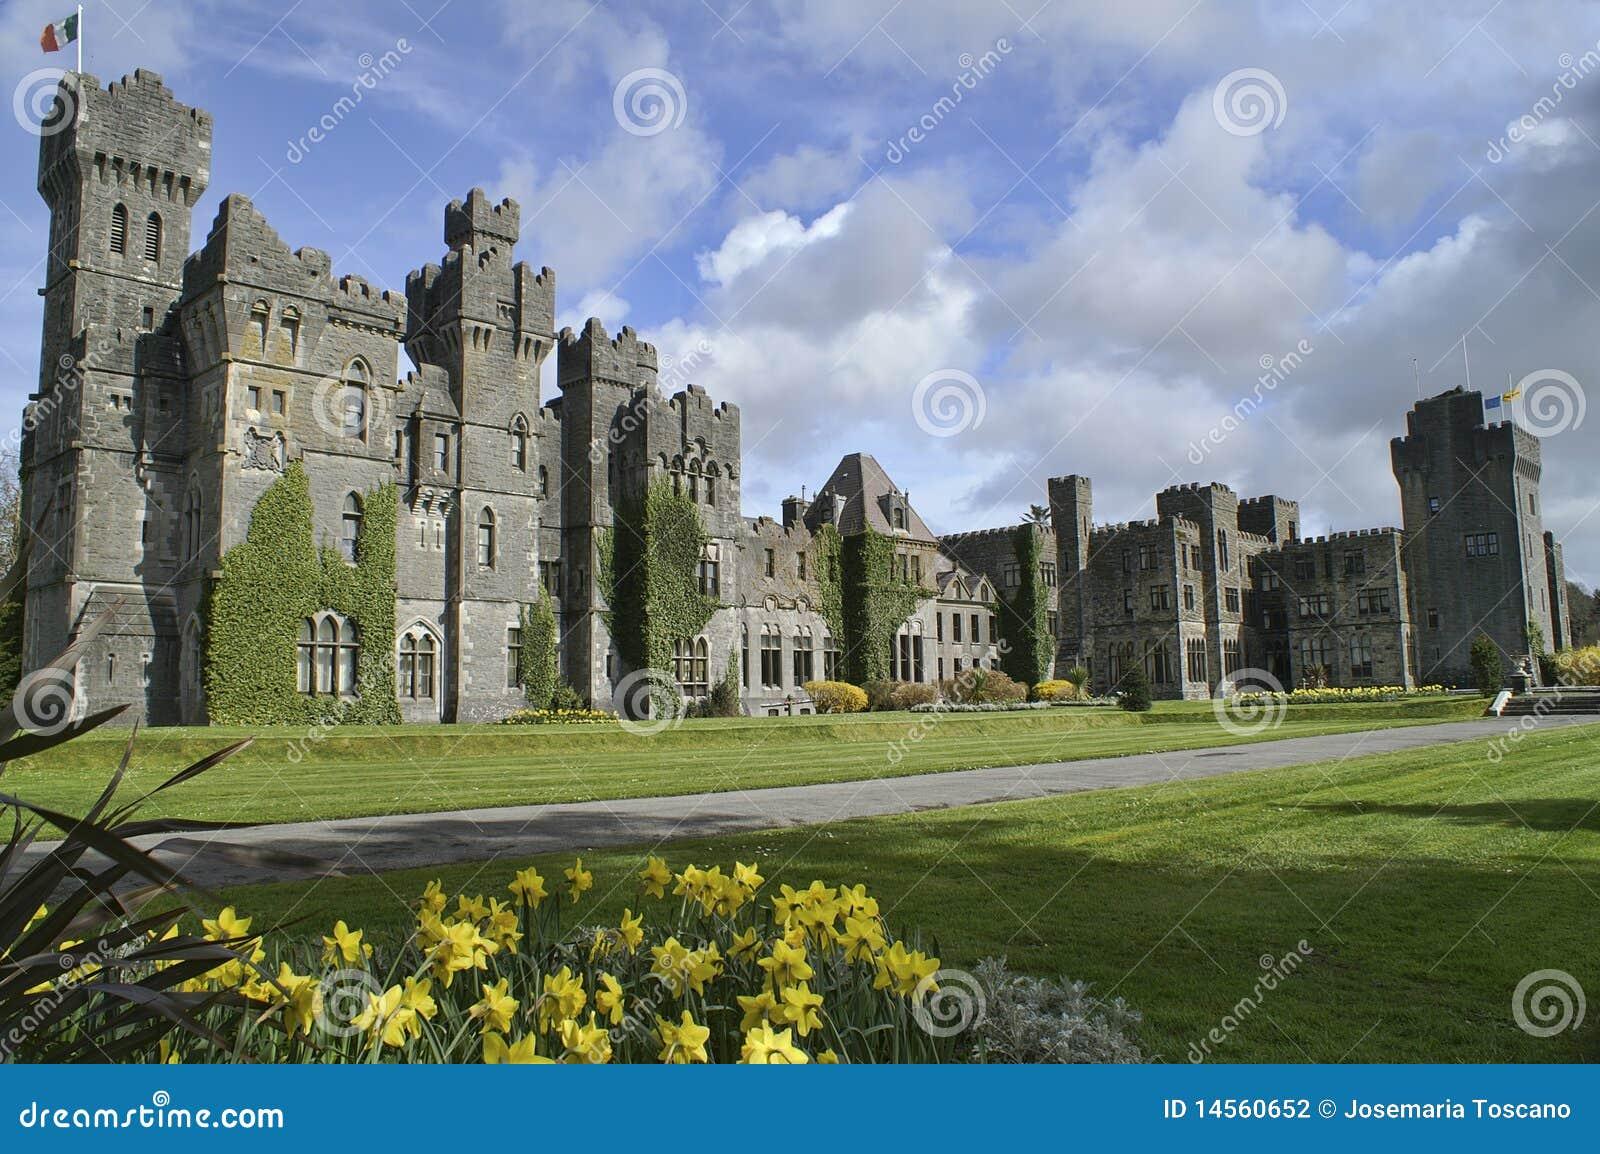 Castello famoso di Ashford, contea Mayo, Irlanda.